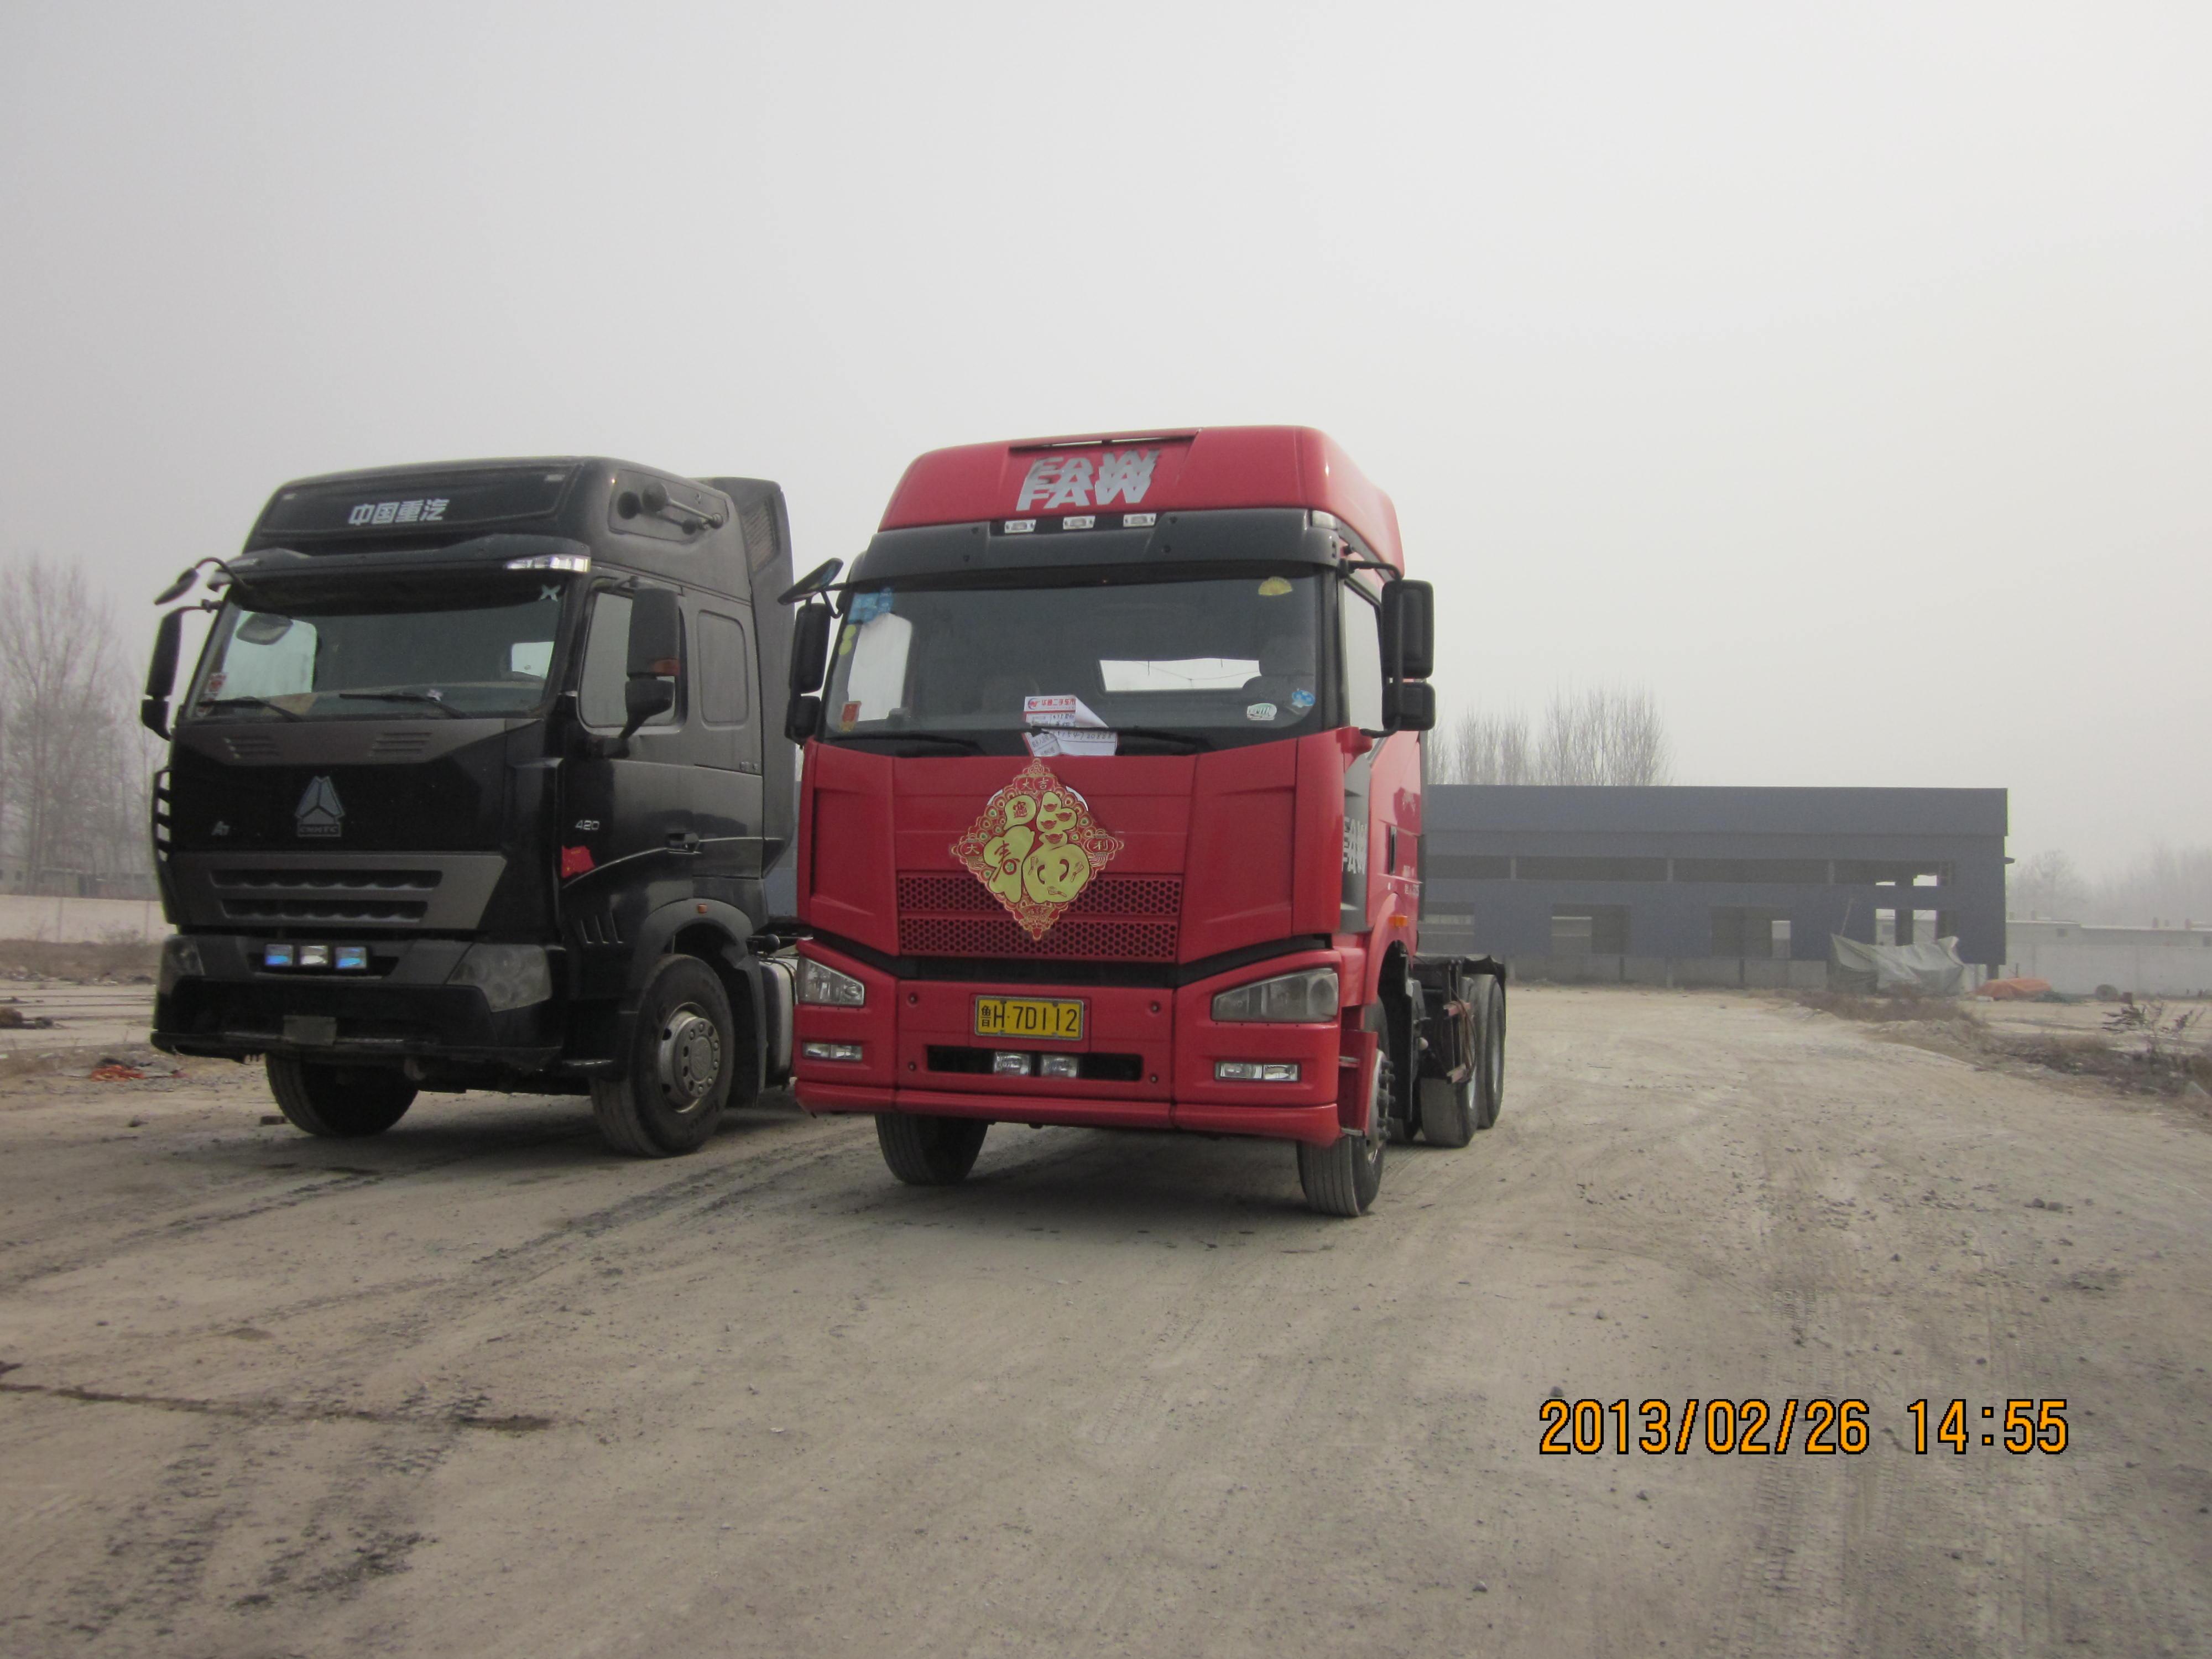 重庆二手车解放j6双驱牵引车-二手卡车-中国卡车网[